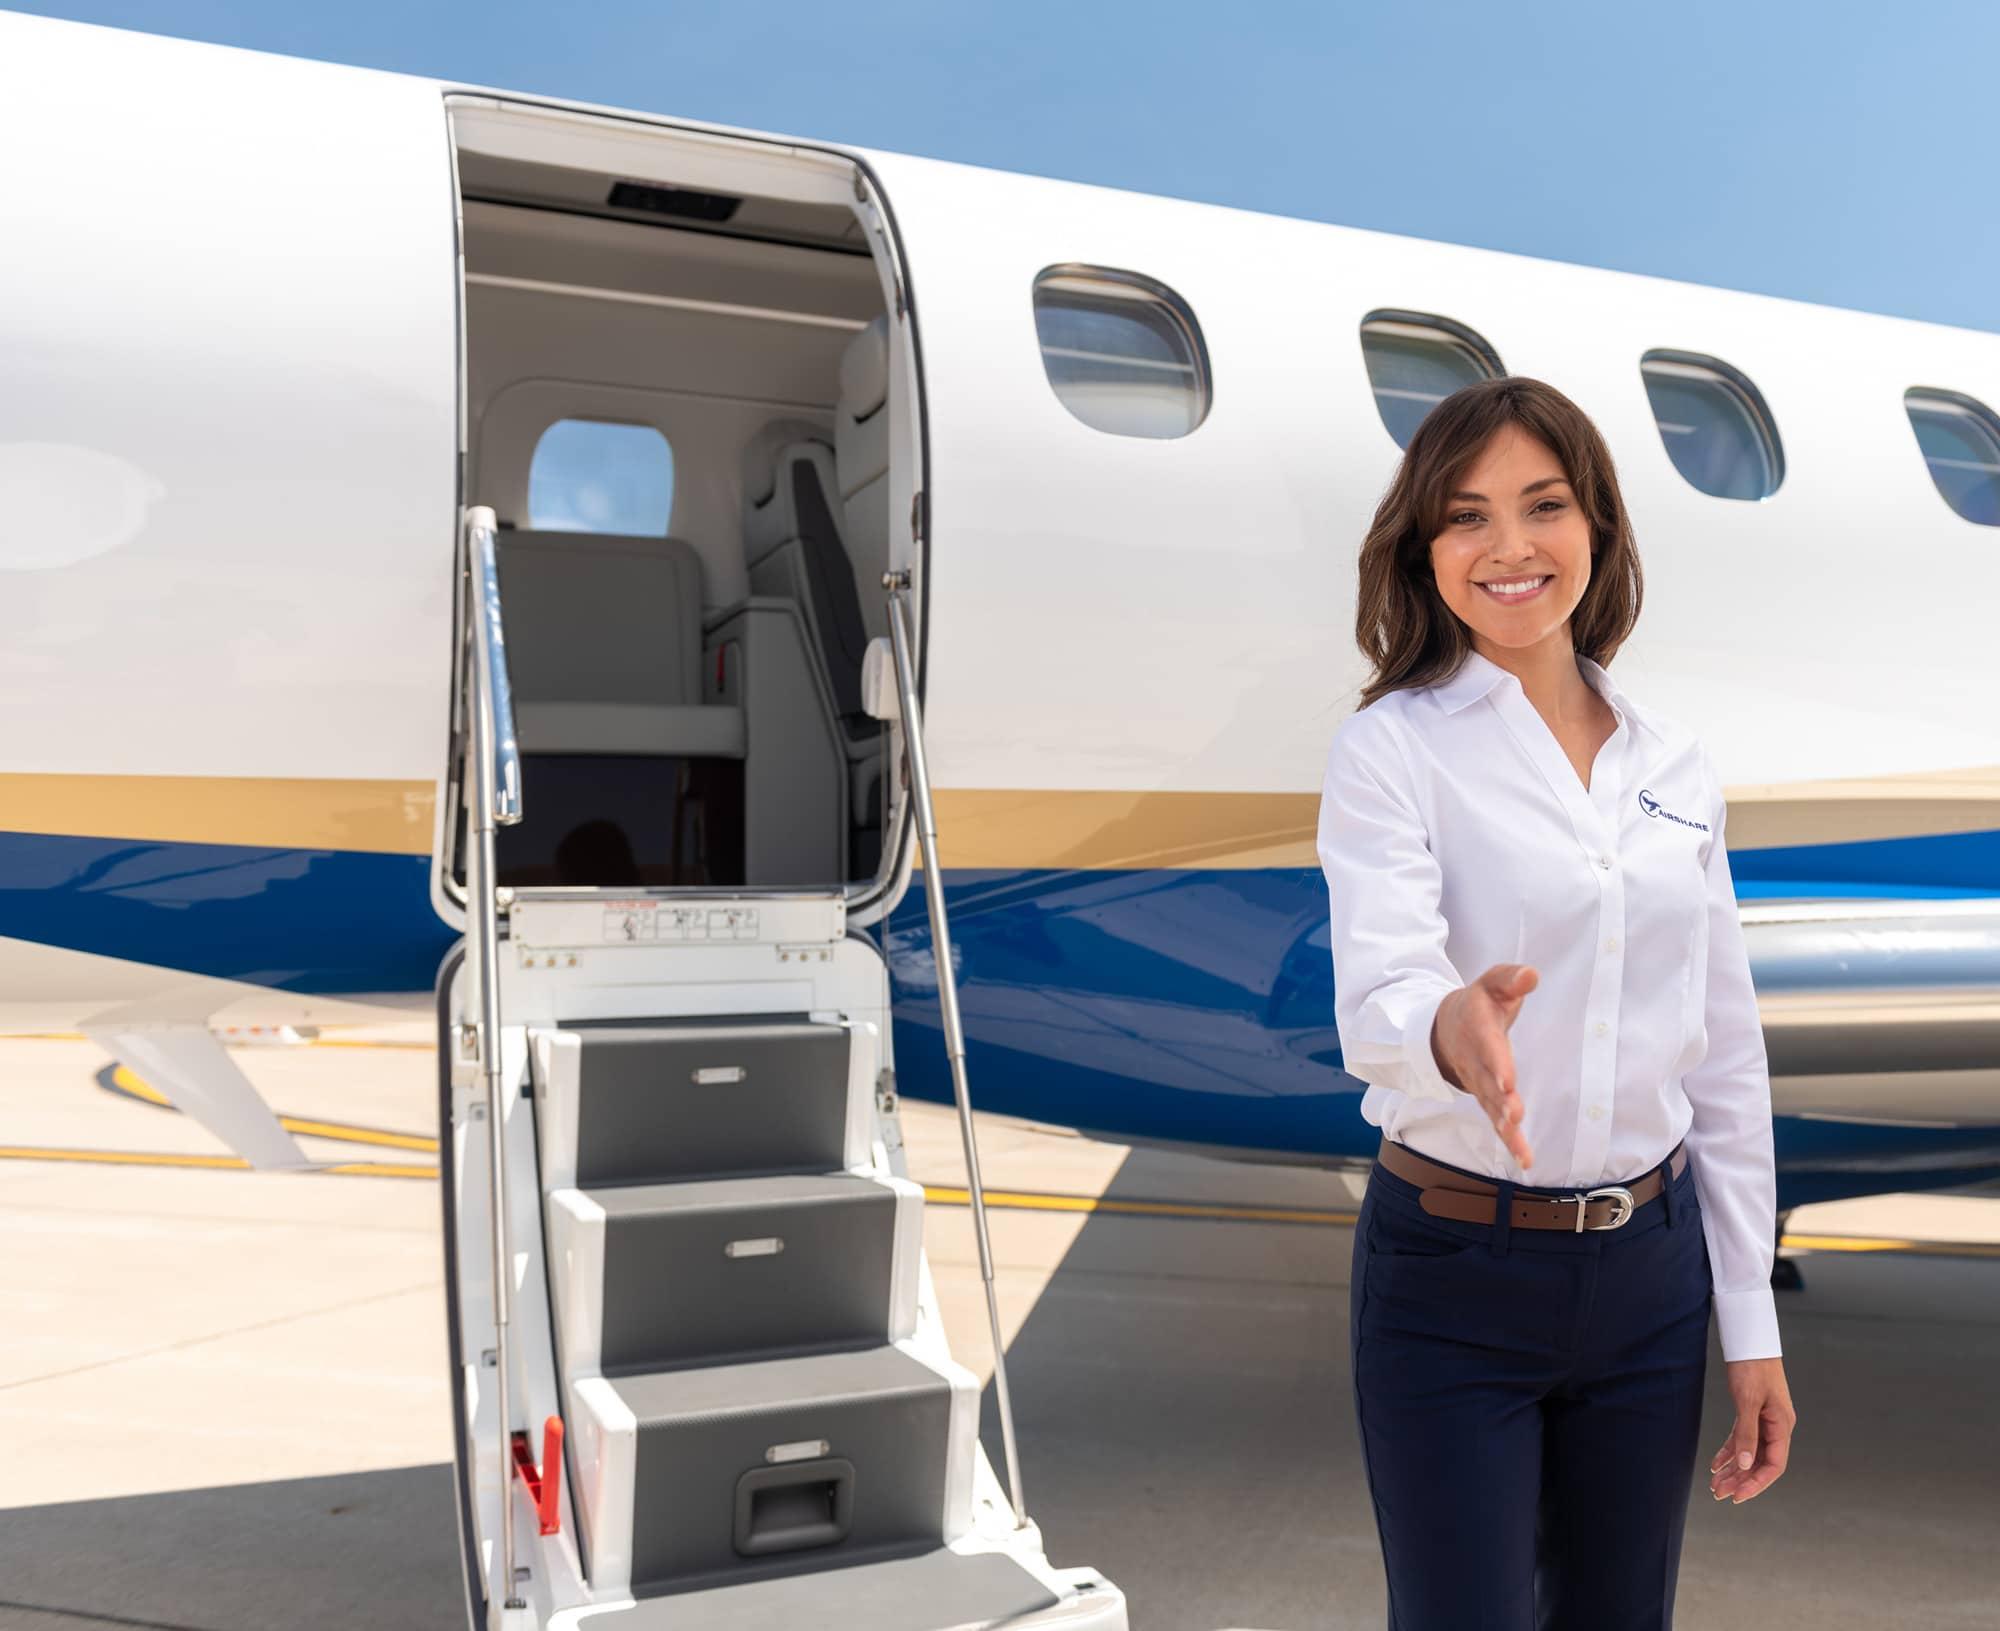 Woman Pilot Offering Handshake